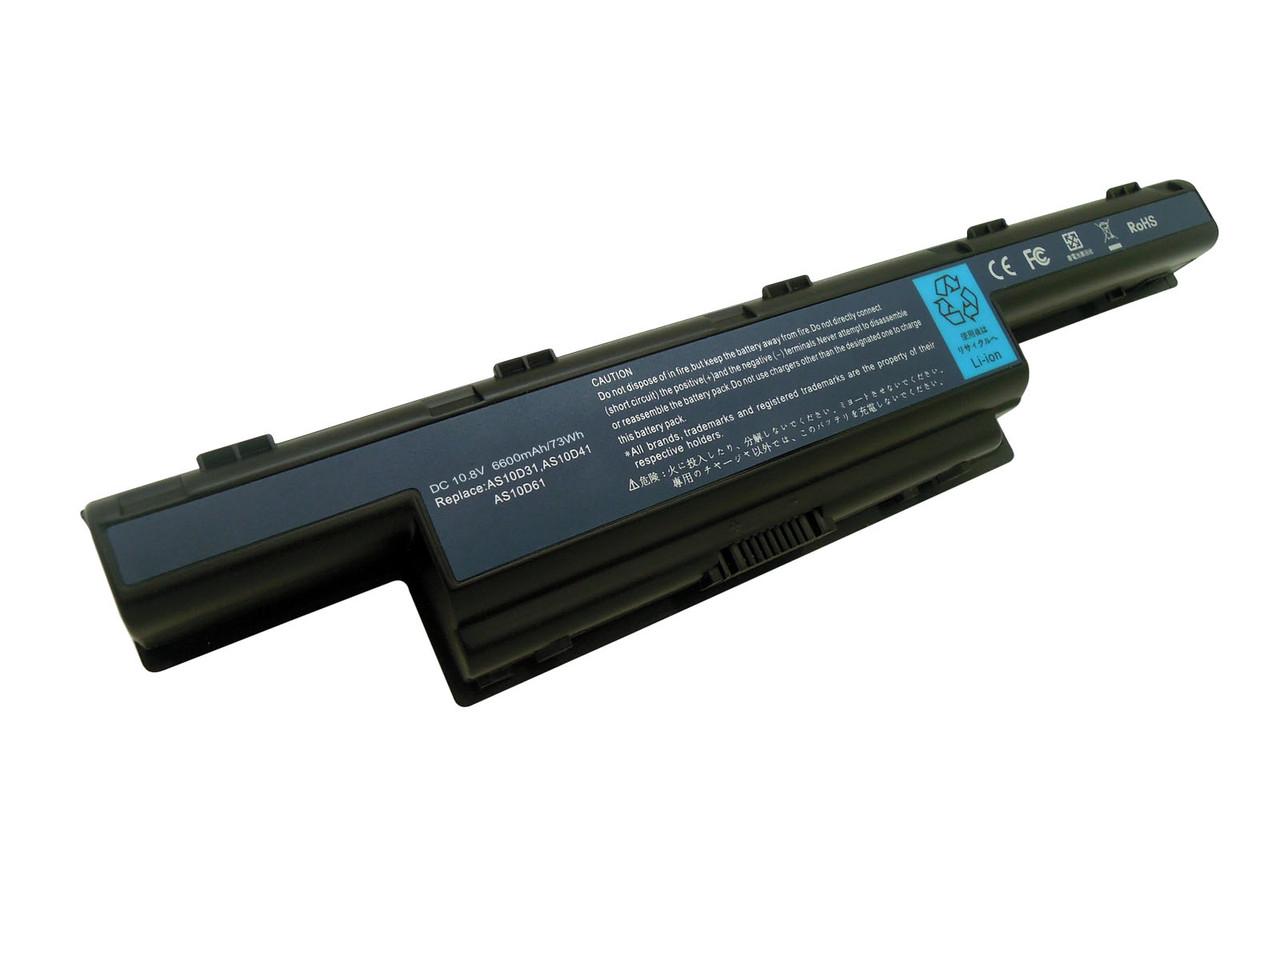 Аккумулятор для ноутбука ACER Aspire 5733Z-P624G50Mikk